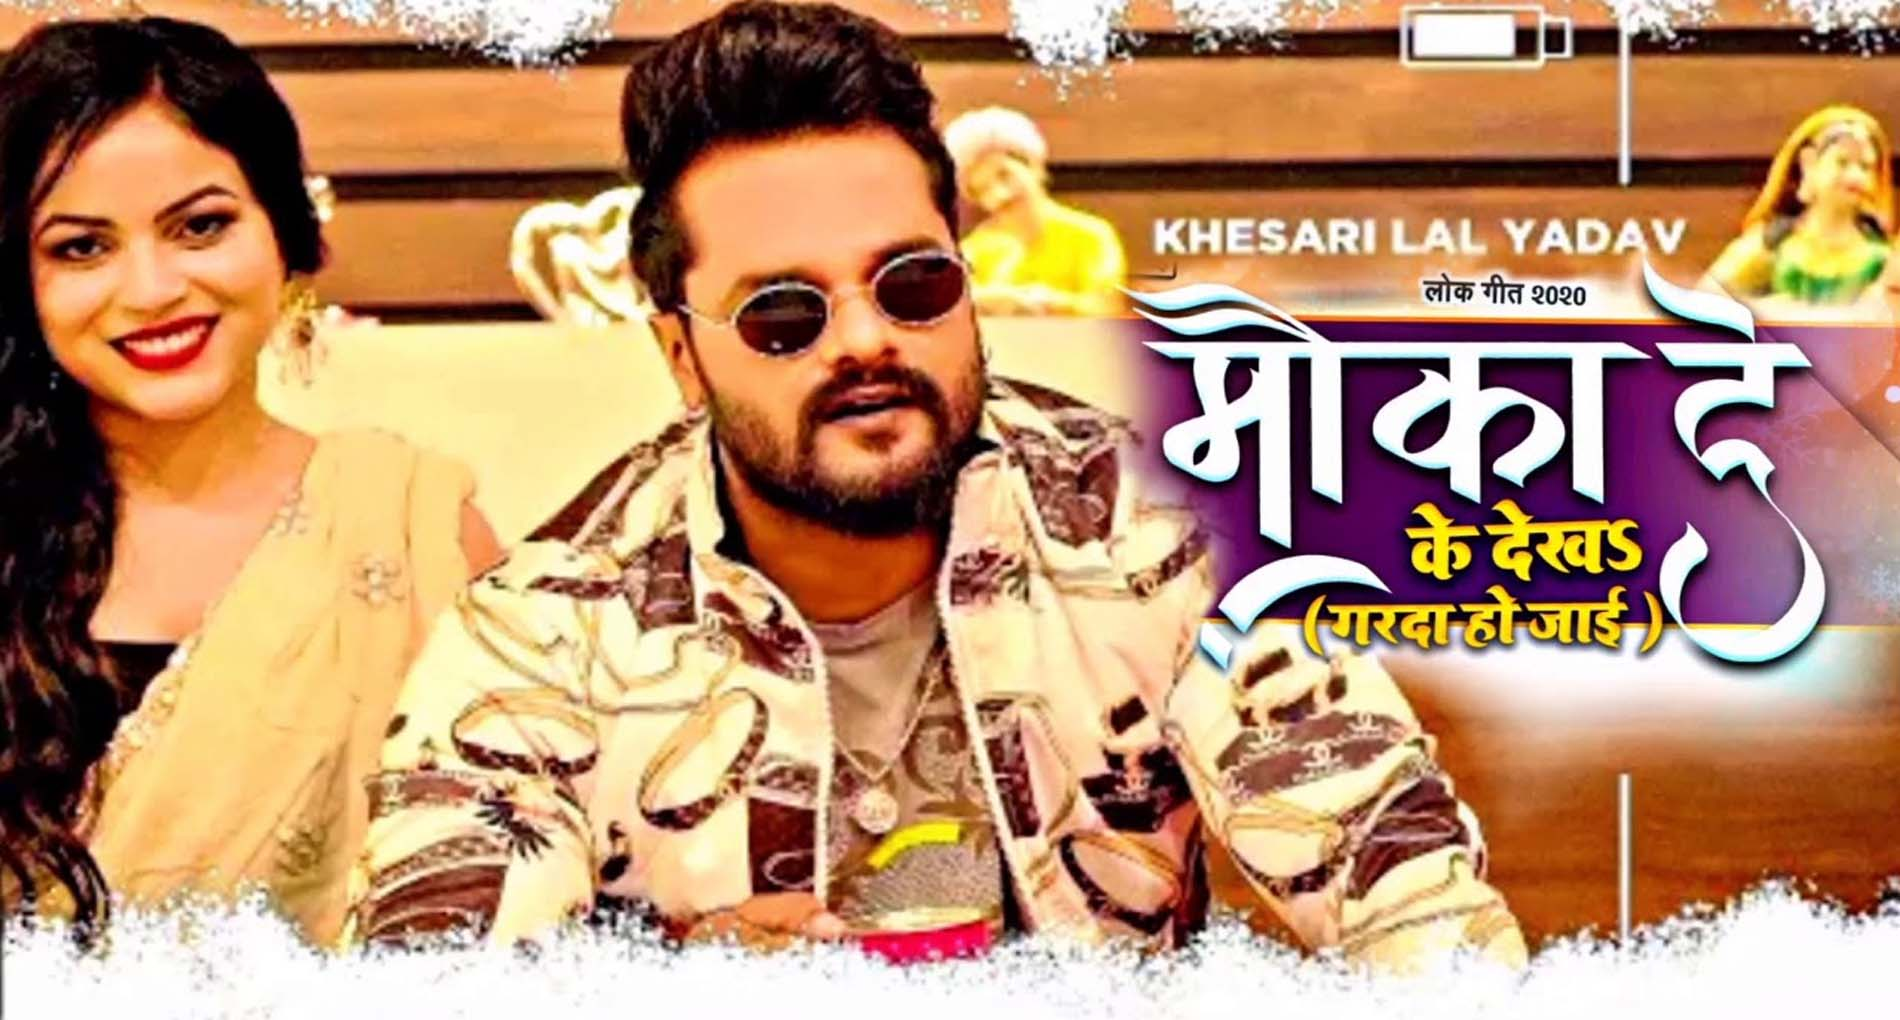 Khesari Lal New Bhojpuri Song: रिलीज के साथ छाया खेसारी लाल यादव का नया गाना! देखें वीडियो